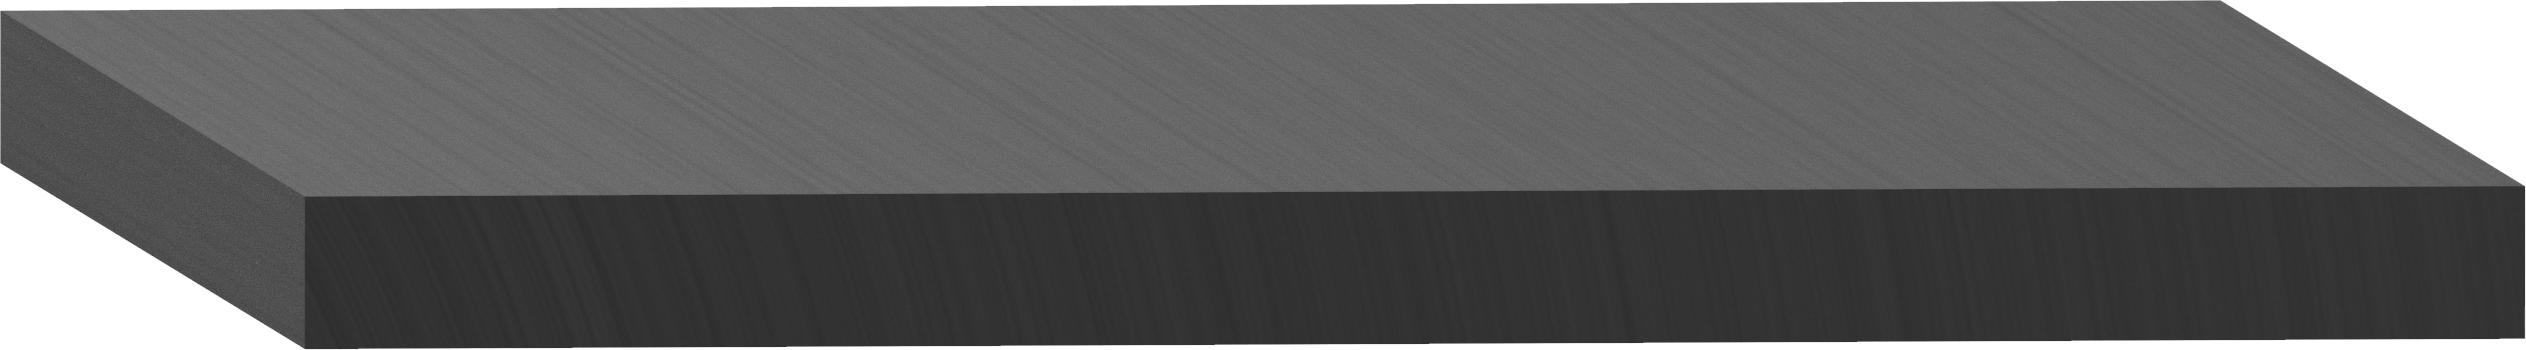 Uni-Grip part: SD-700